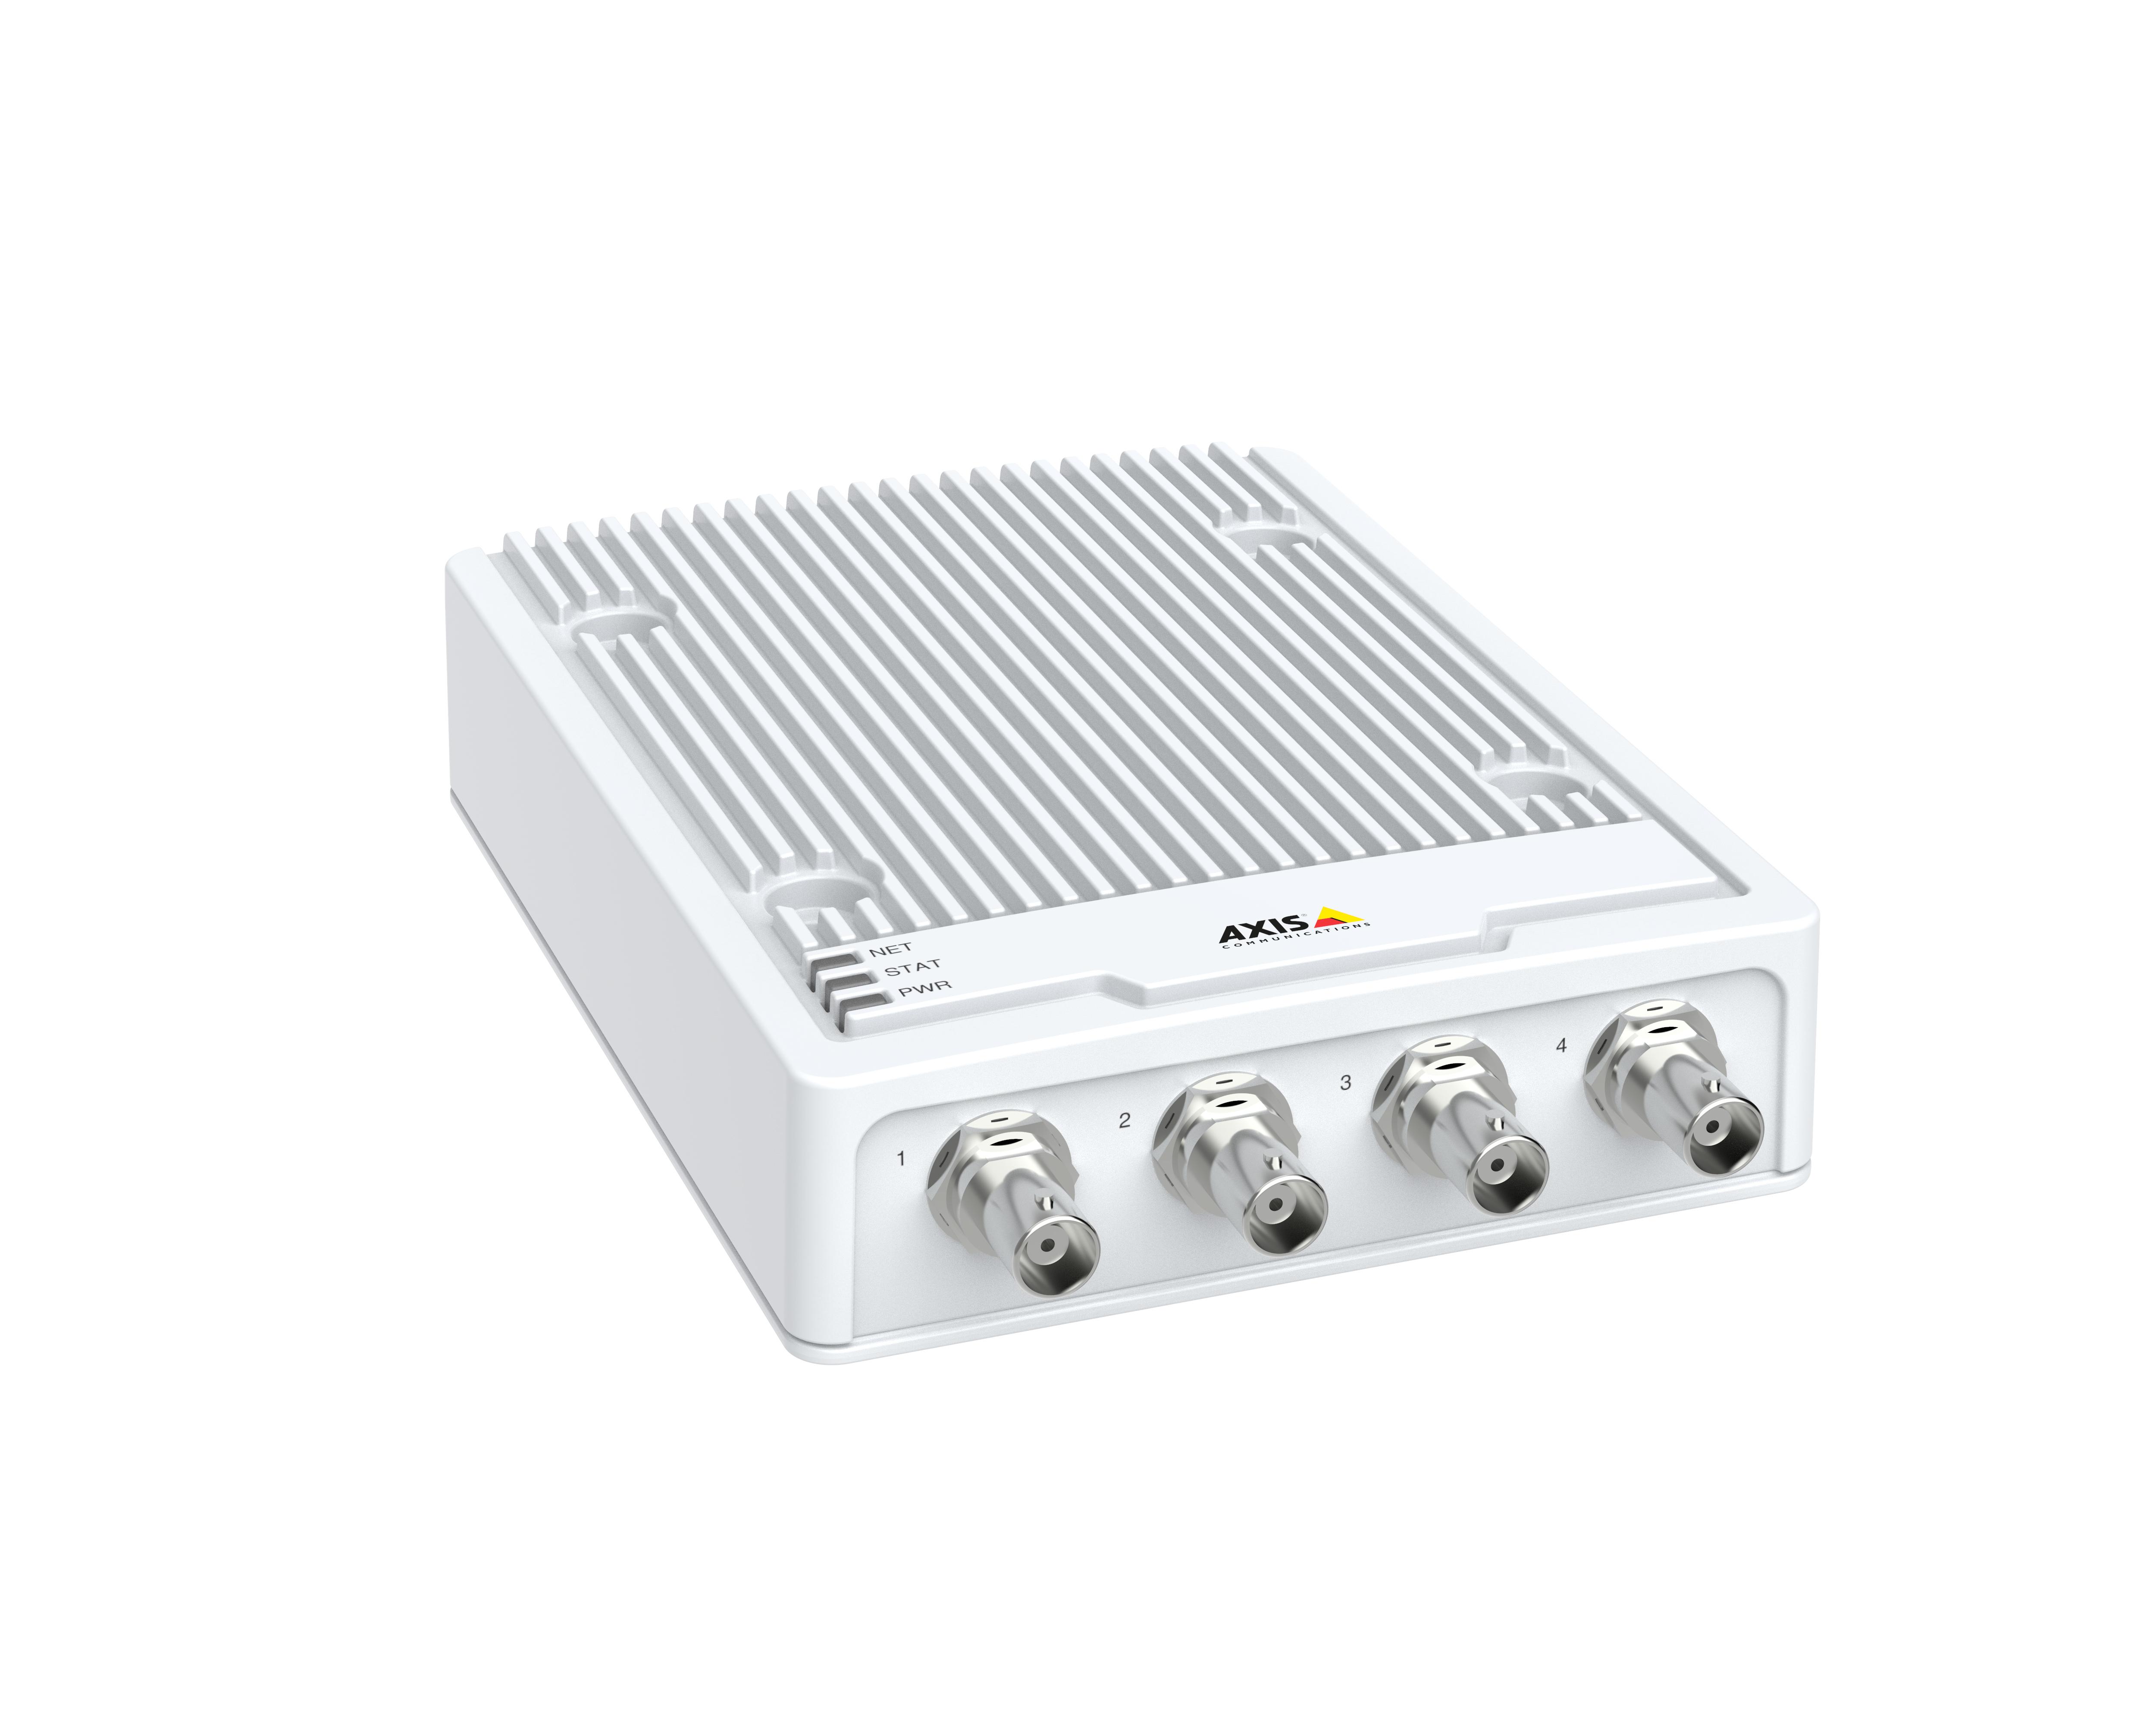 AXIS M7104 Video Encoder